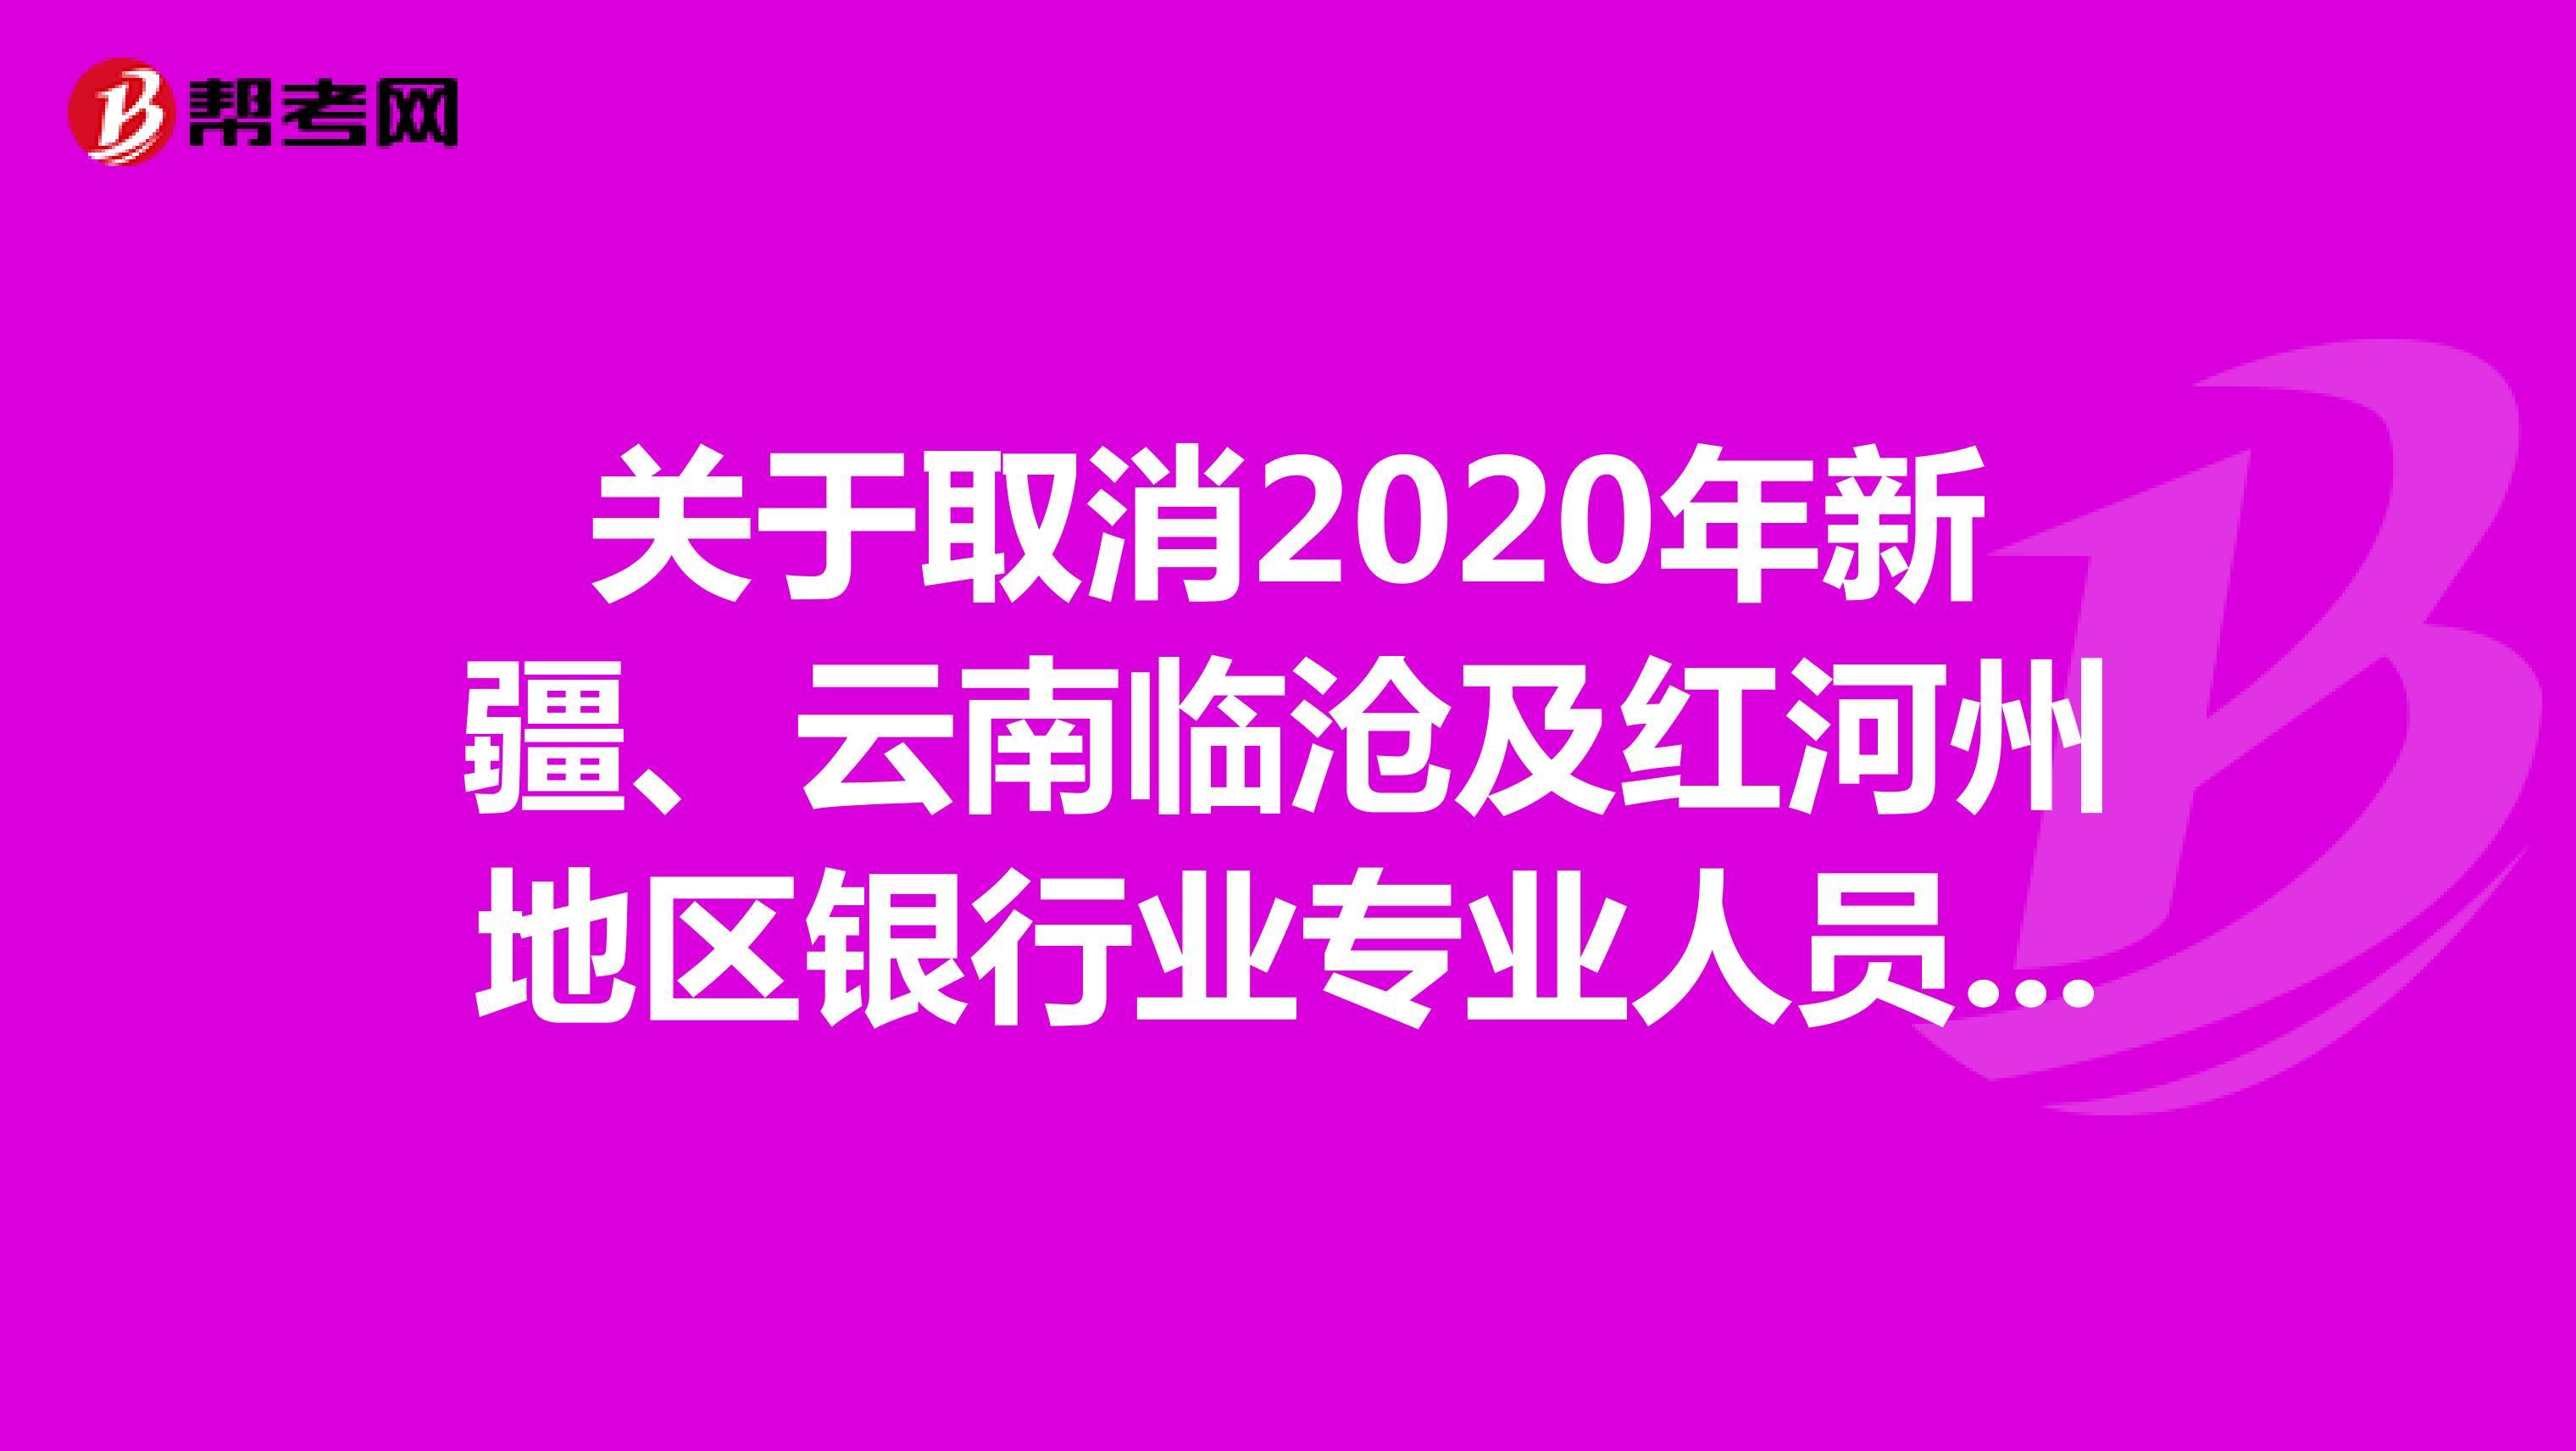 关于取消2020年新疆、云南临沧及红河州地区银行业专业人员职业资格考试的公告